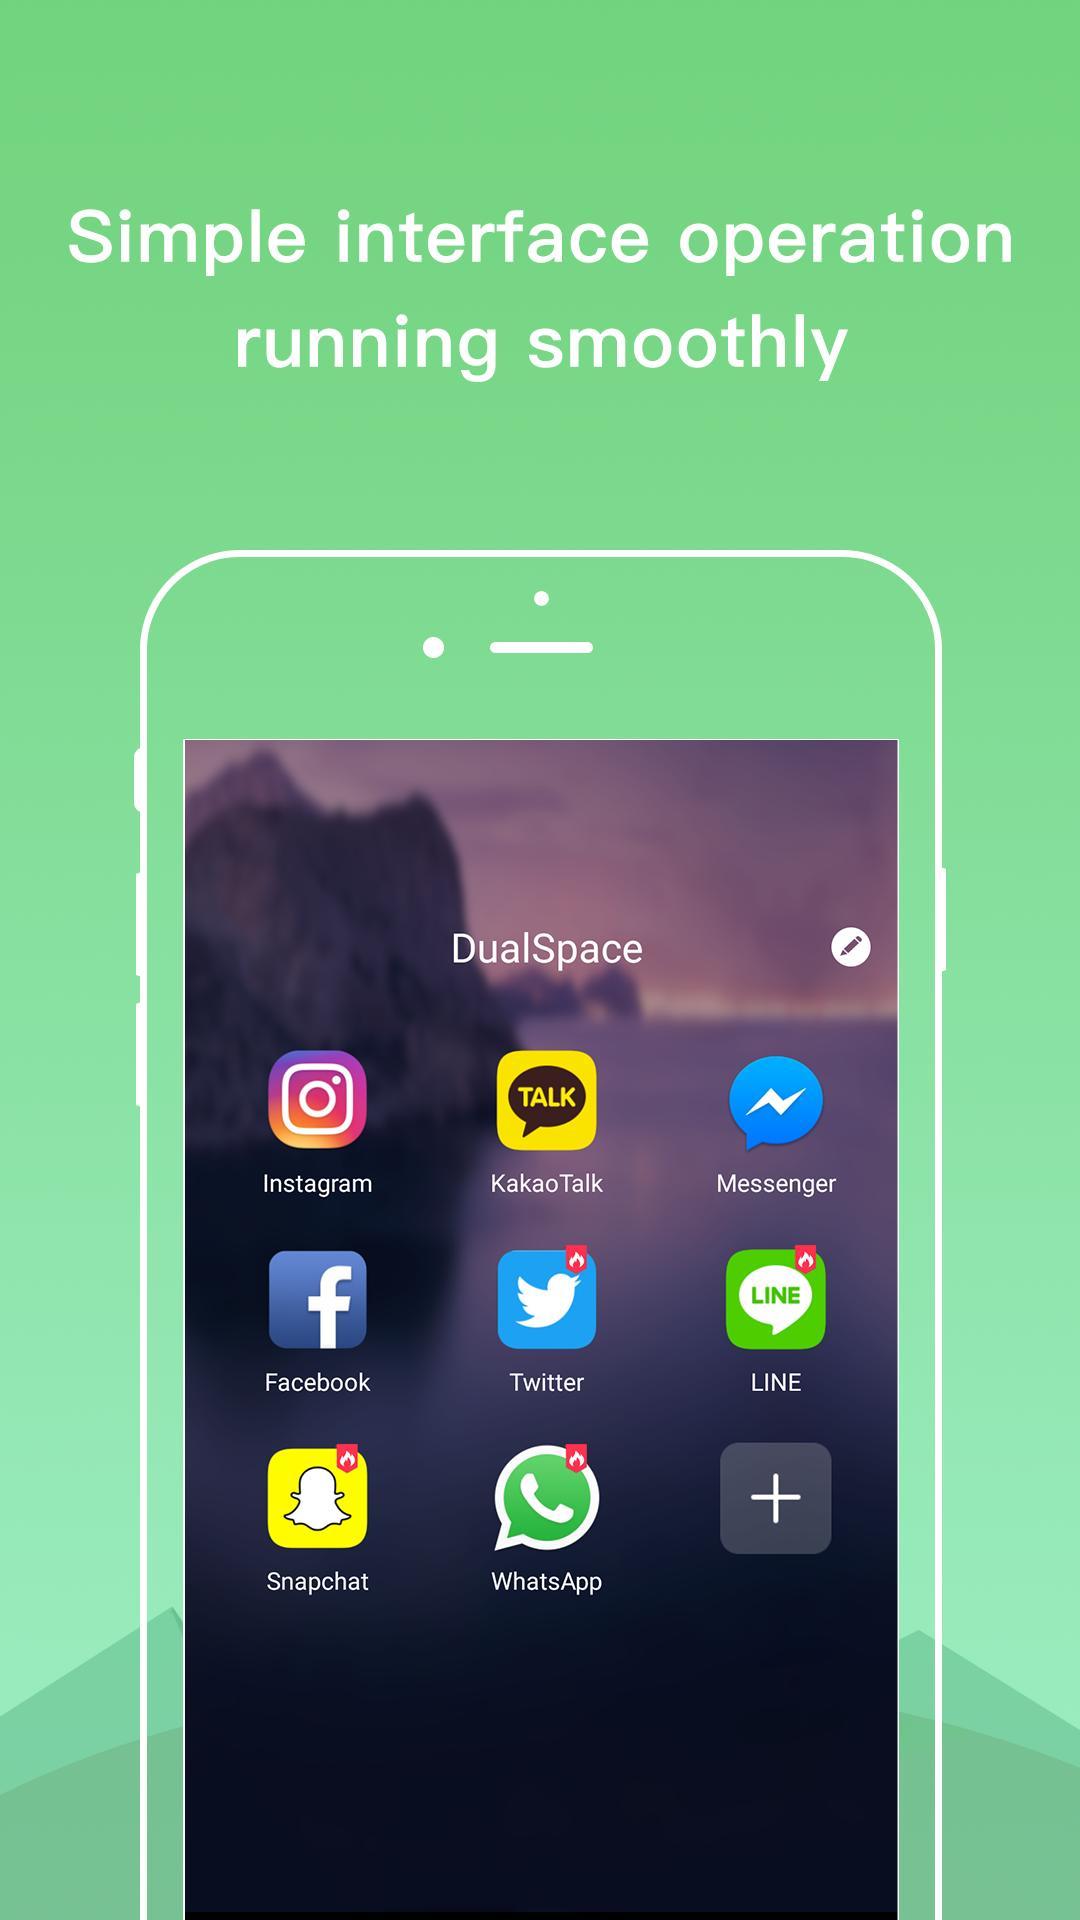 Arro App Instagram Hack Apk - Skrewofficial com